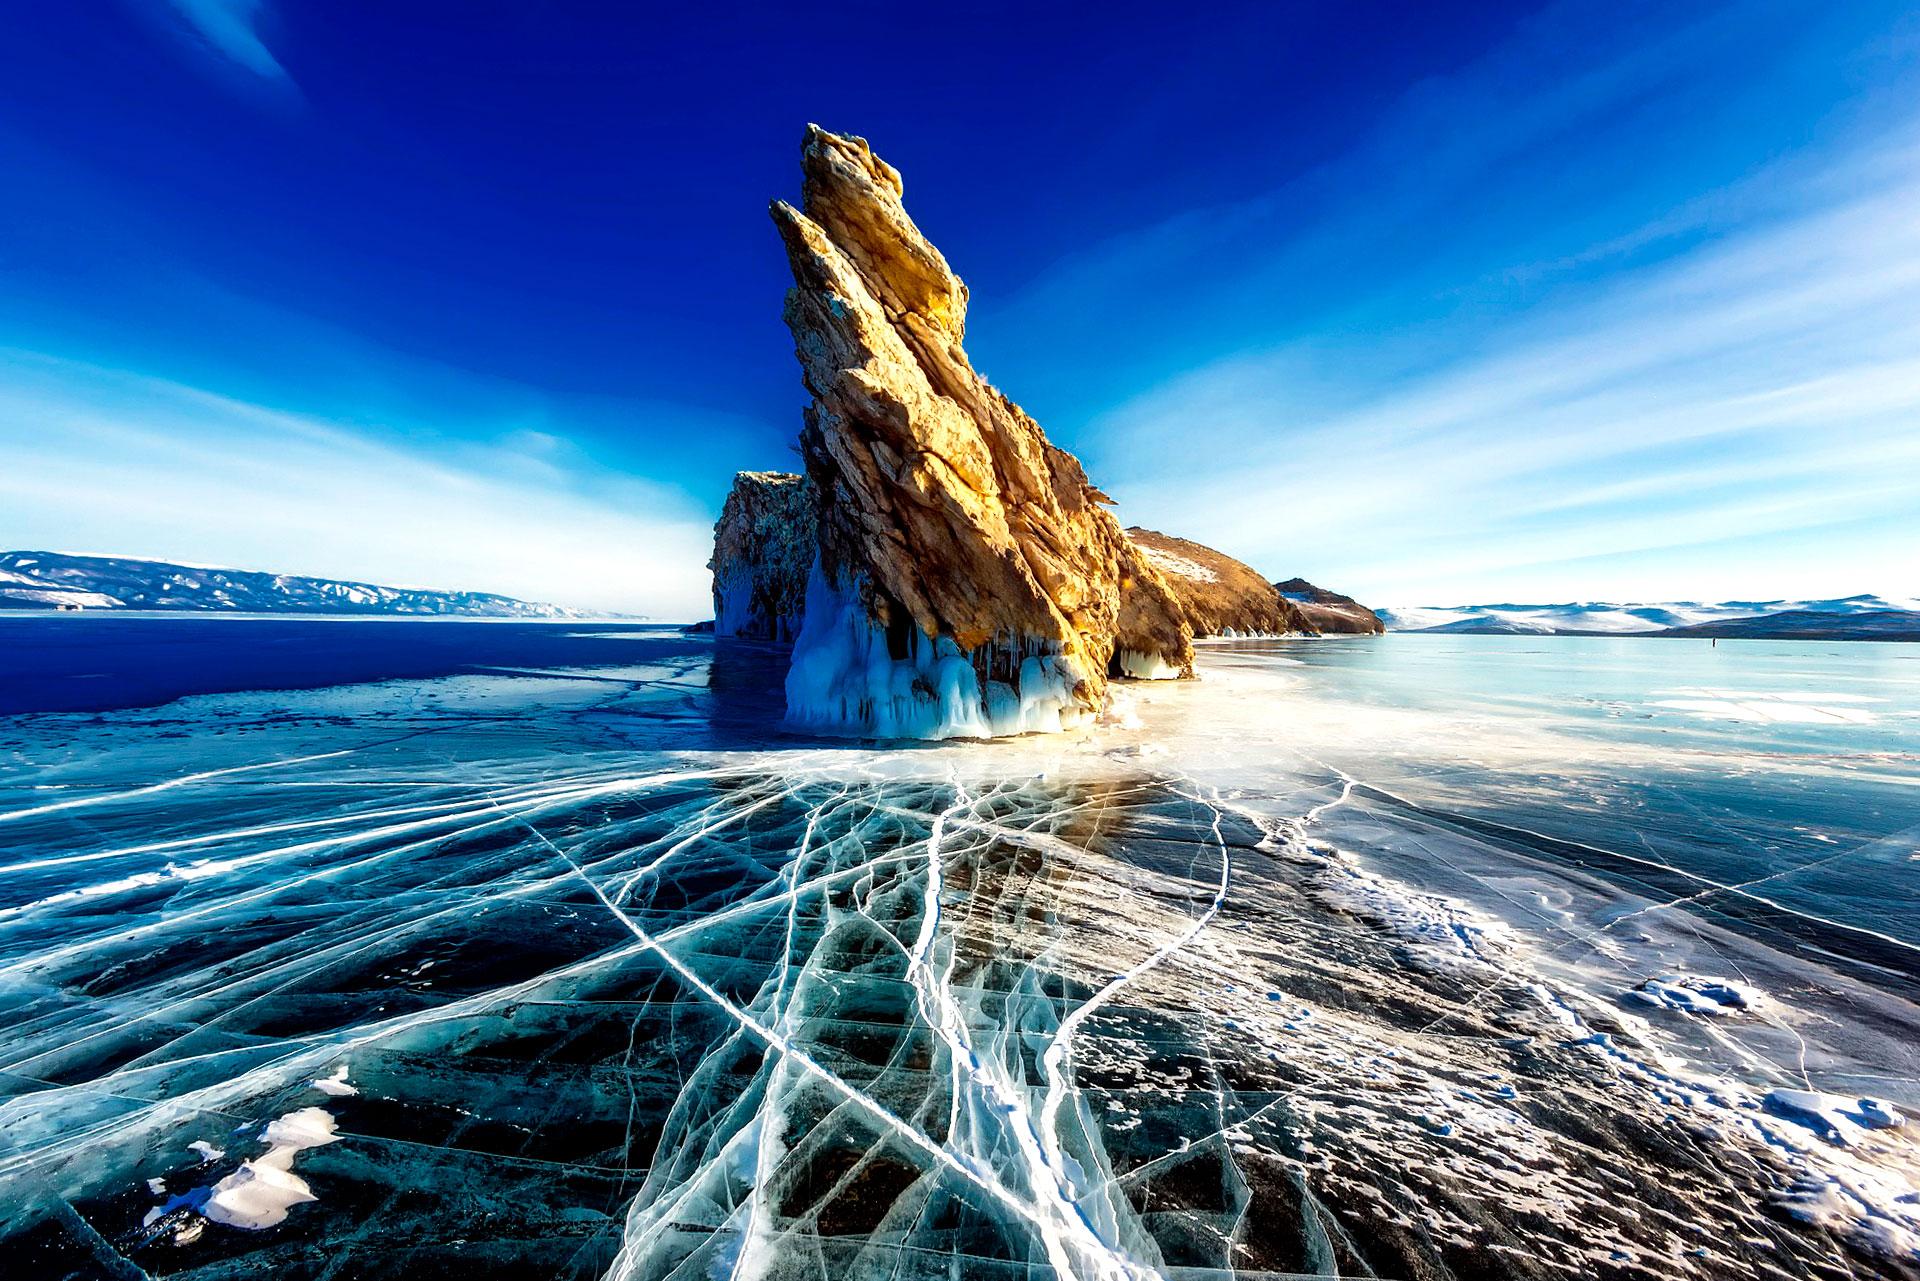 lago-baikal-roca